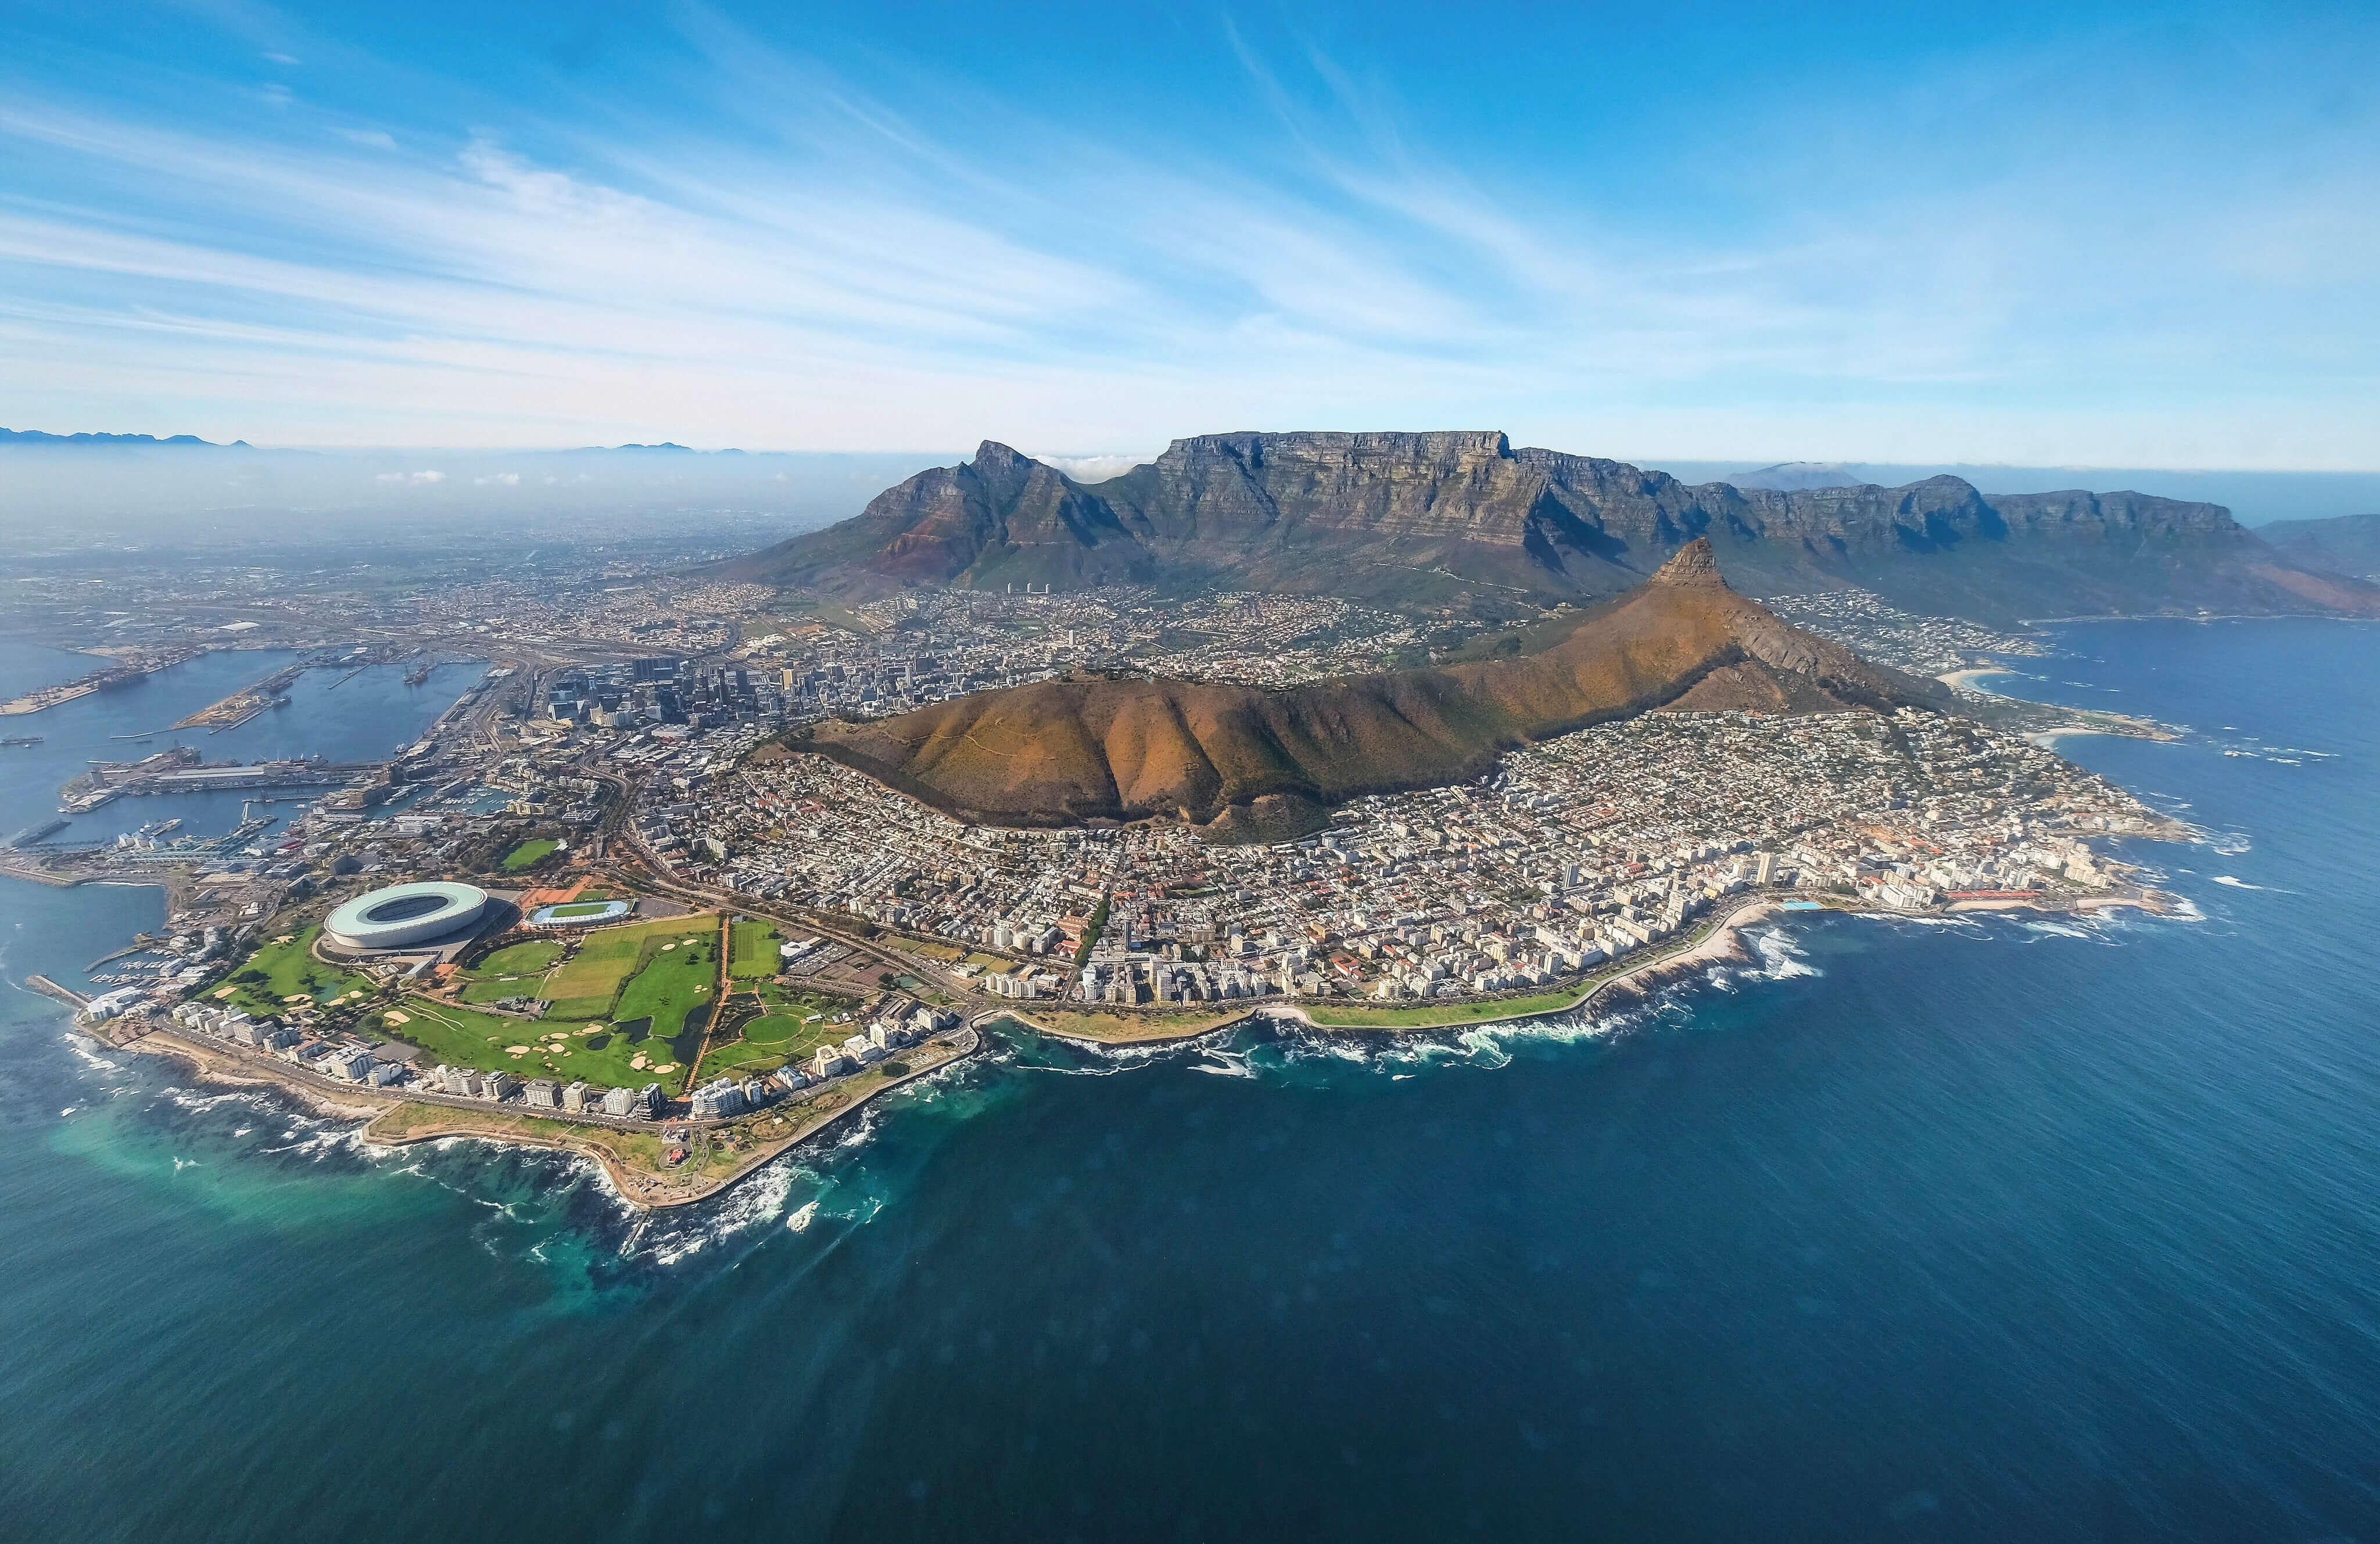 راهنمای سفر به کیپتاون؛ «شهر مادر» در قلب آفریقای جنوبی